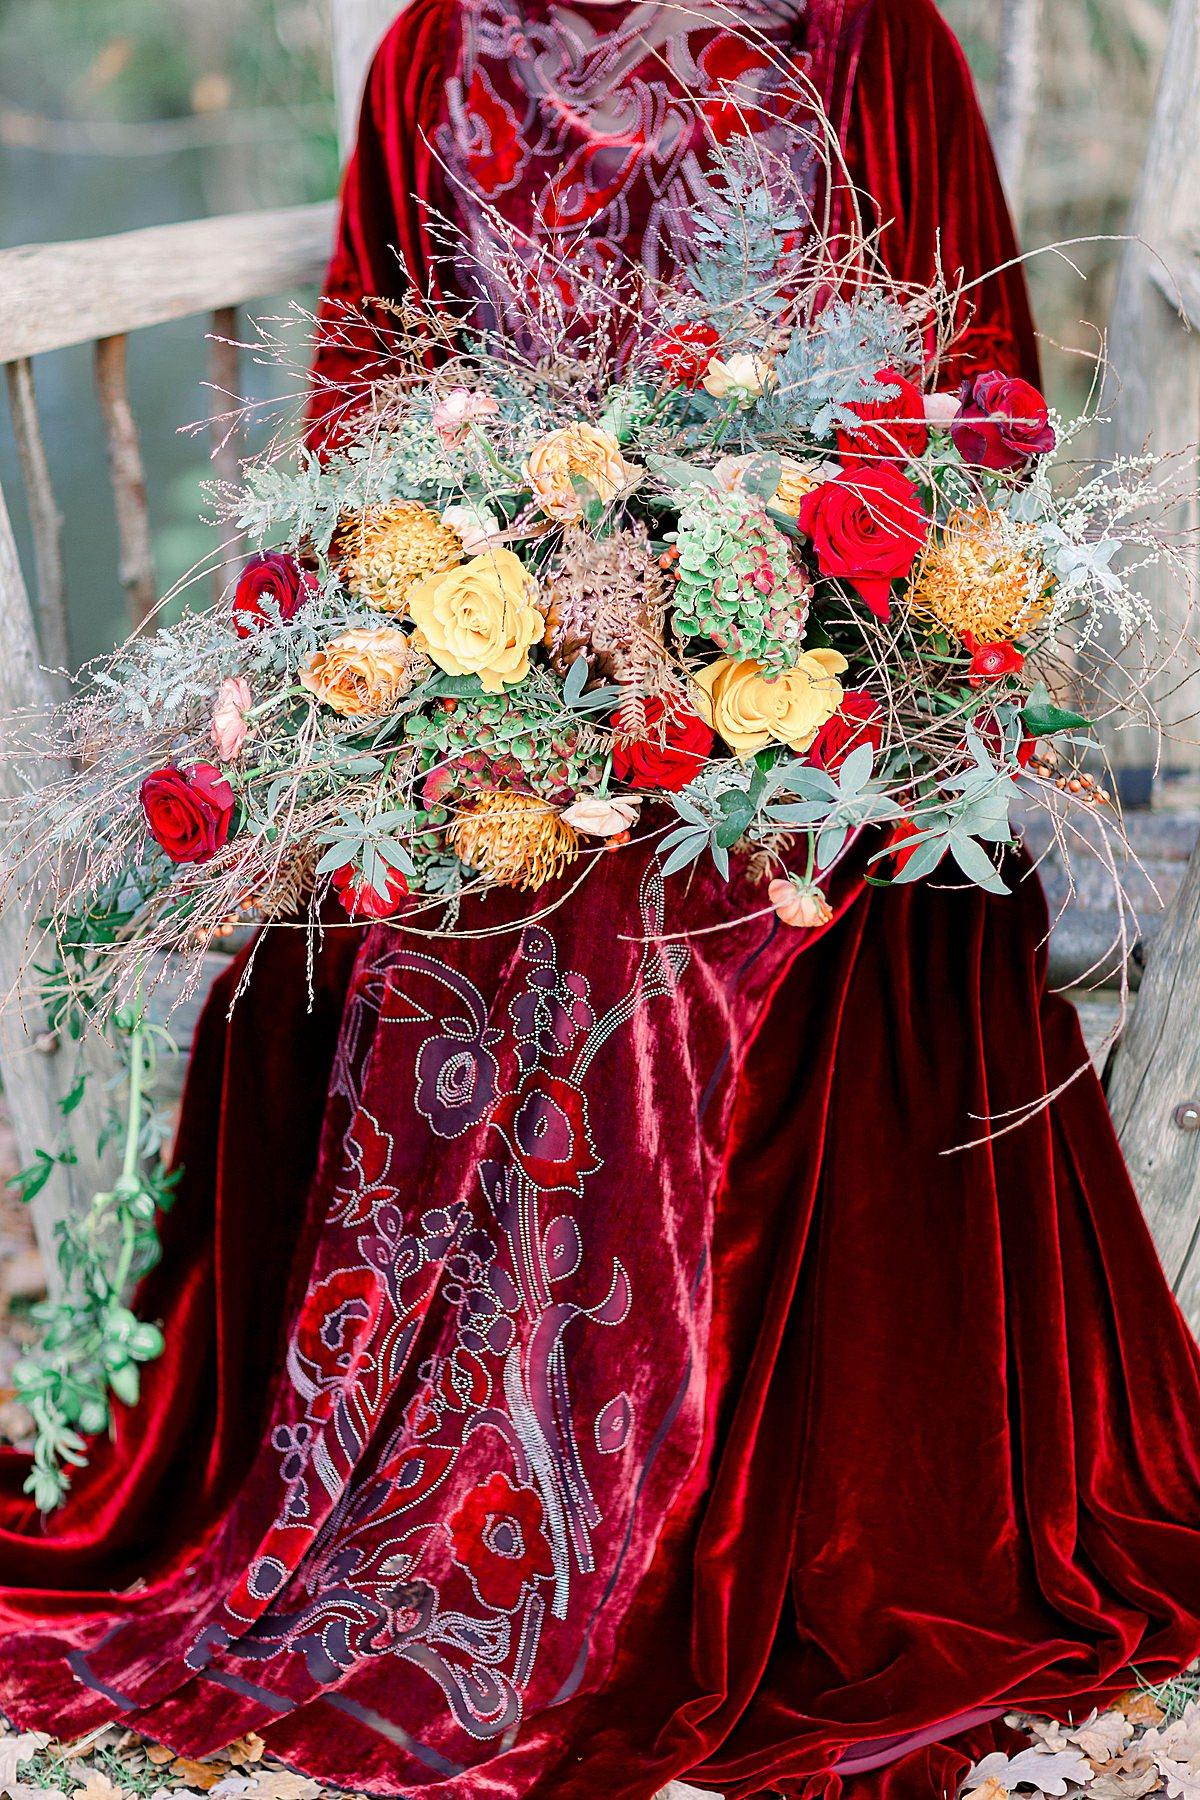 Briar-Rose-Red-Velvet-Exterior-JFD-JoBradbury (29).jpg